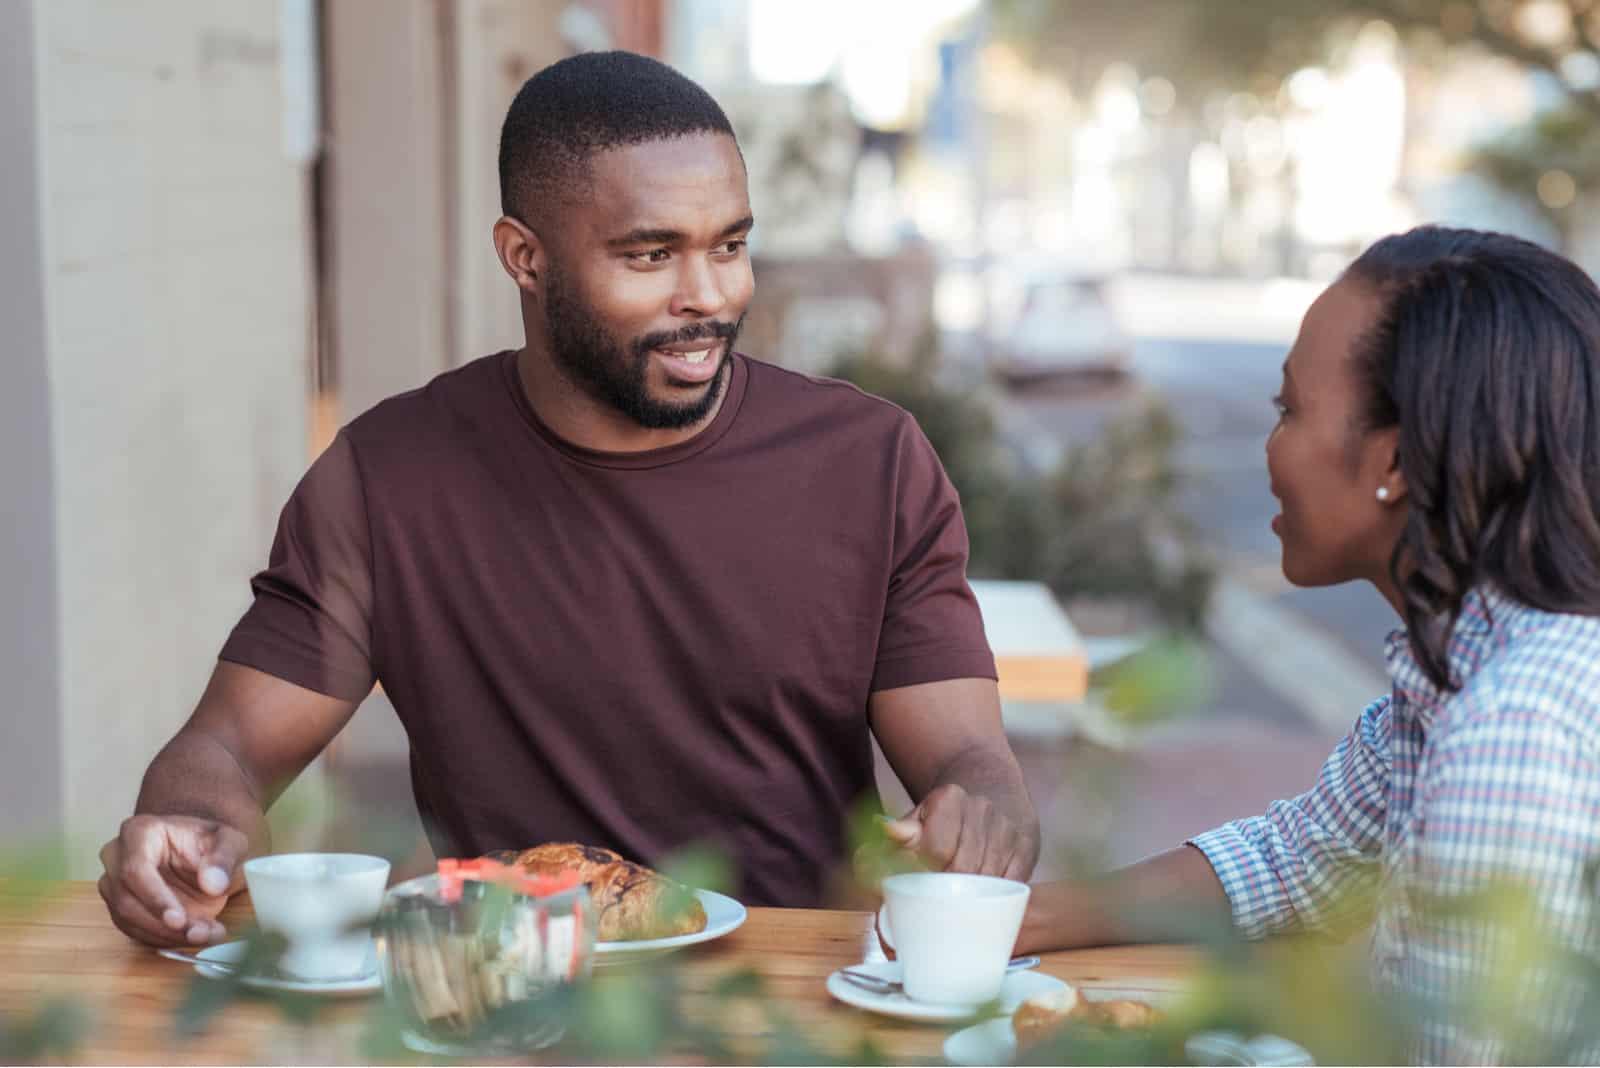 Paar sitzt an einem Tisch in einem Straßencafé und trinkt Kaffee